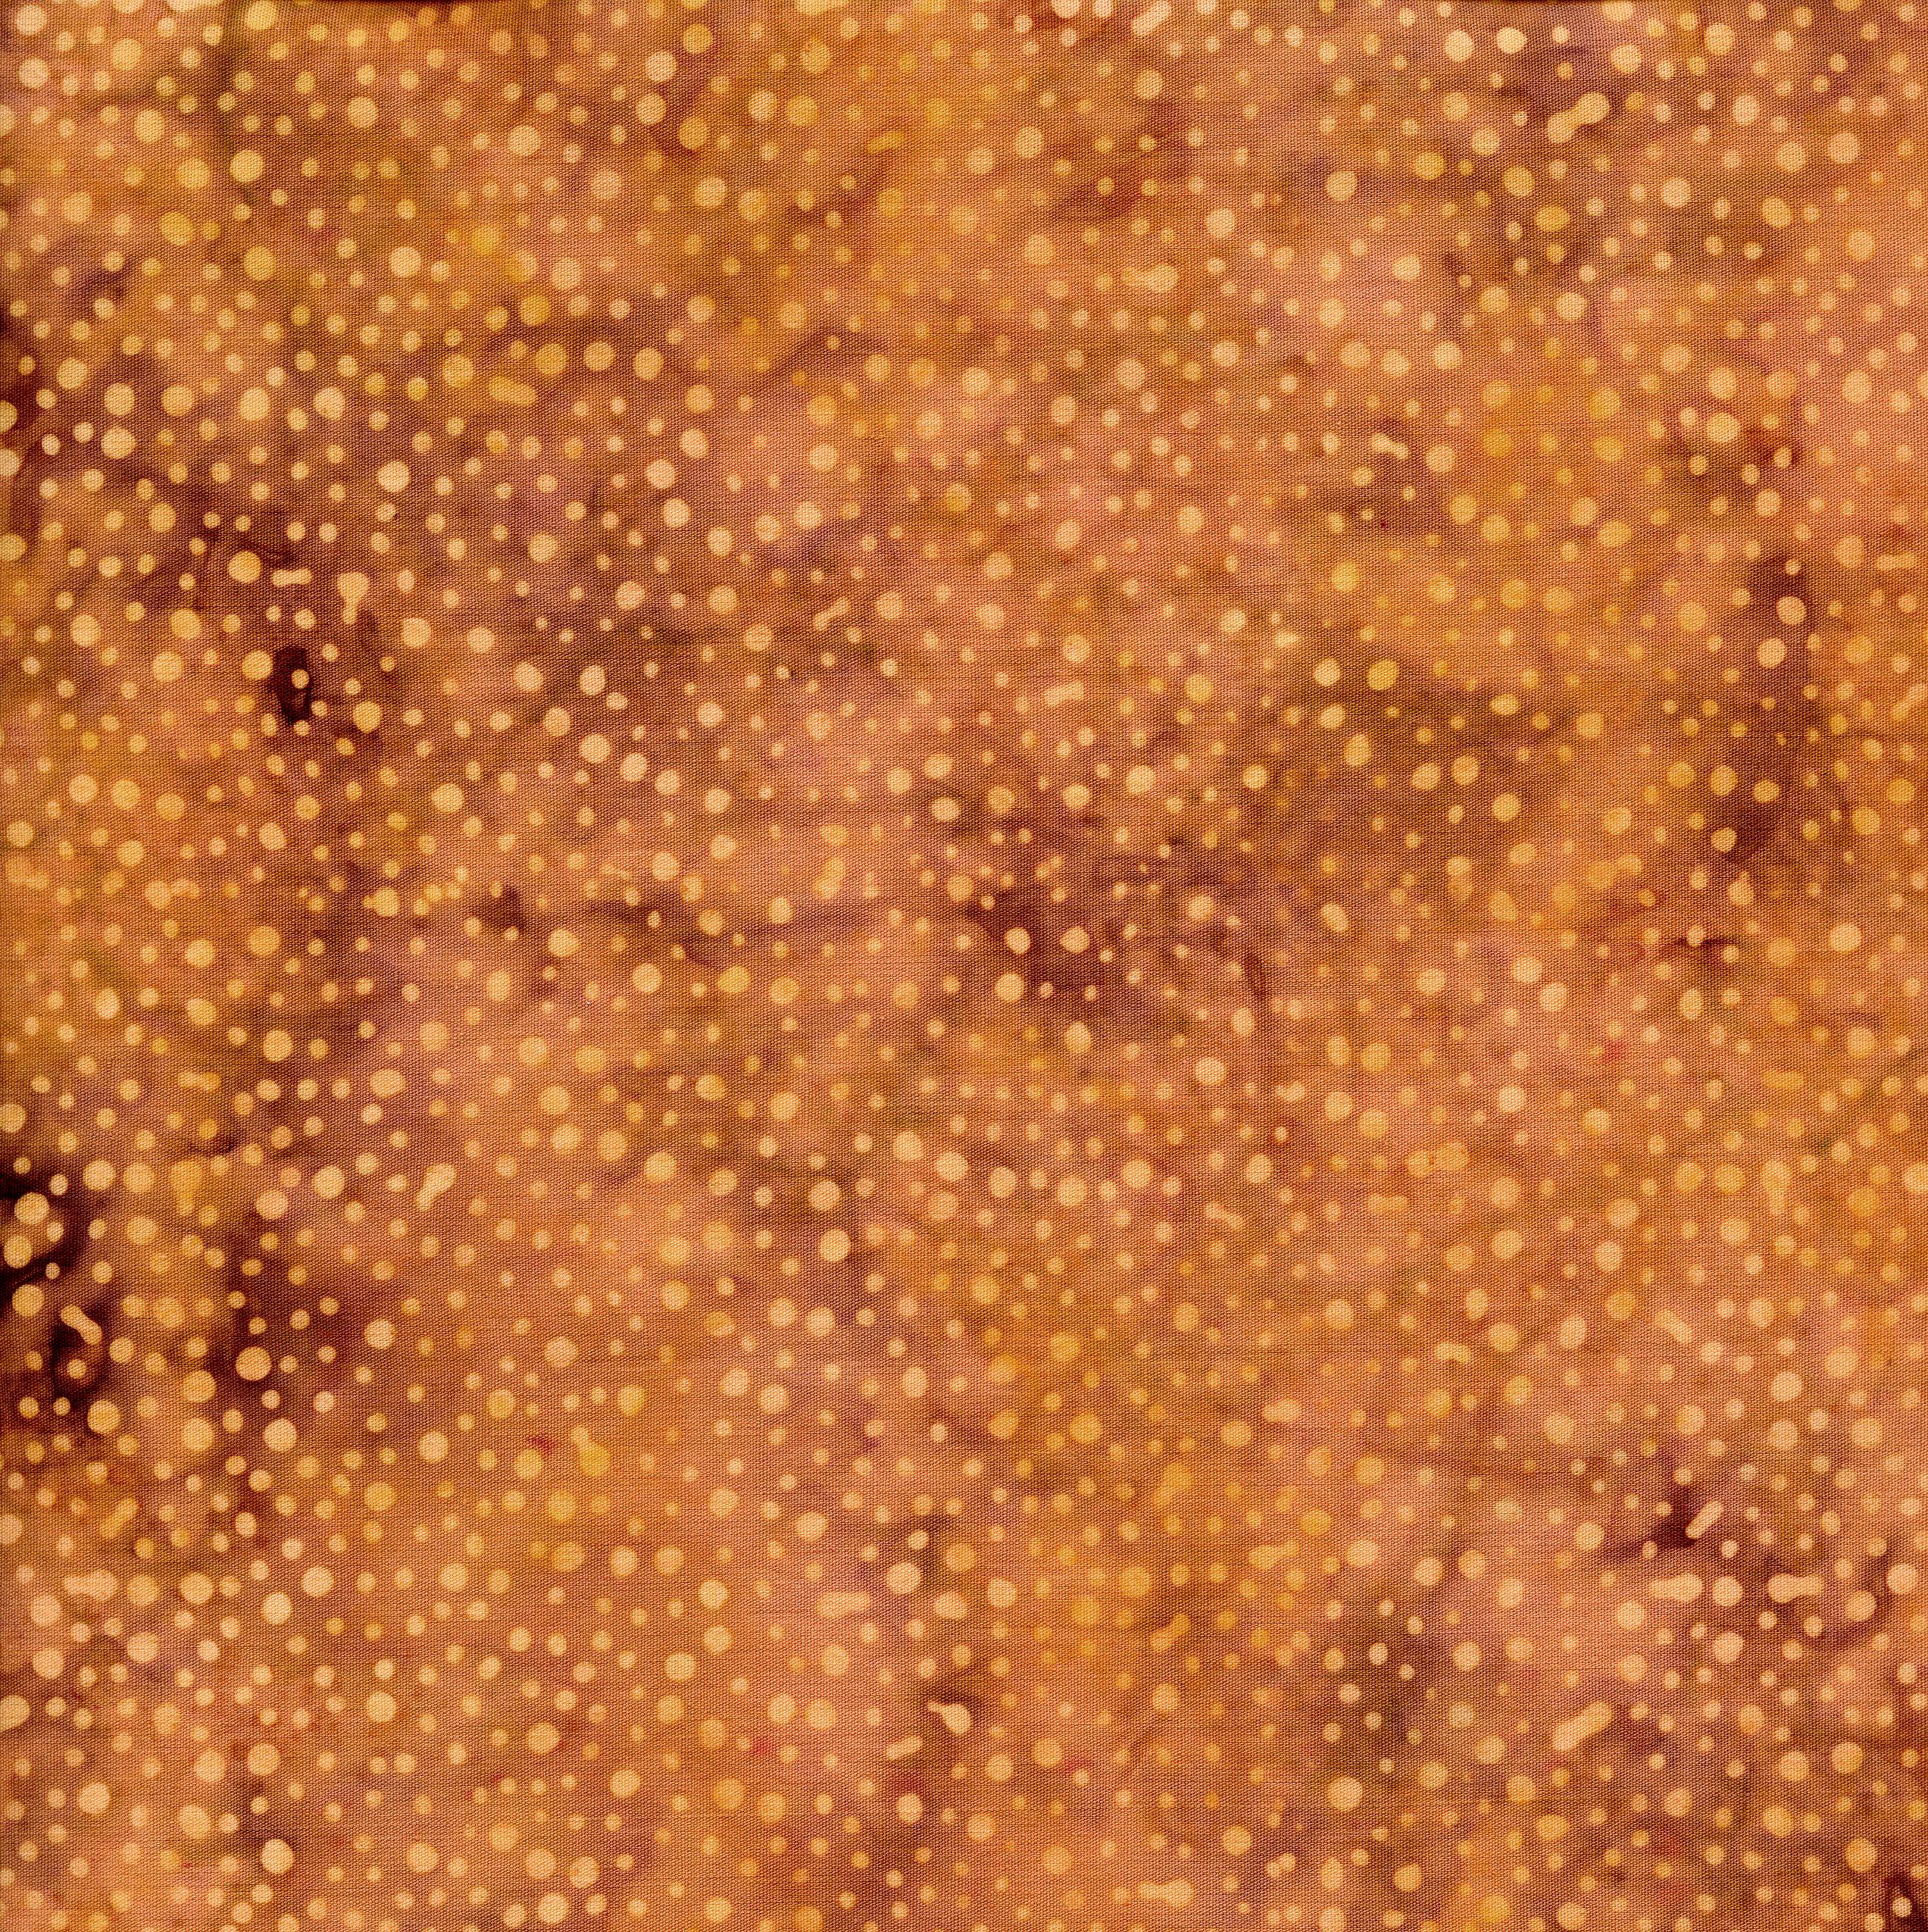 111831200 / Bubbles-Apricot